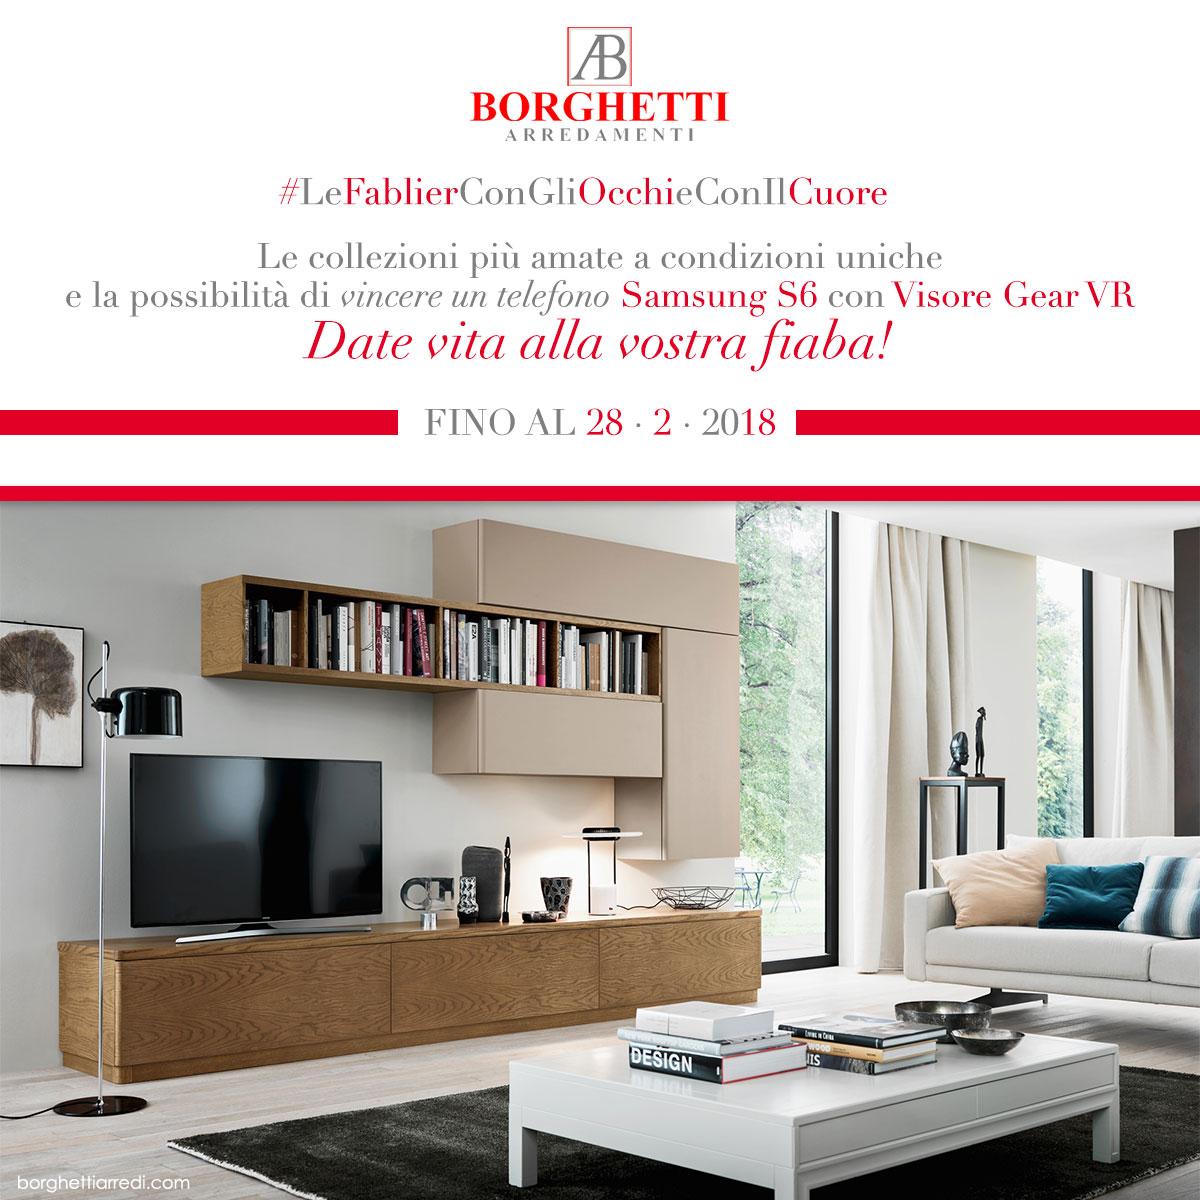 Scopri le promozioni Le Fablier - Borghetti Arredi - Arredamenti ...